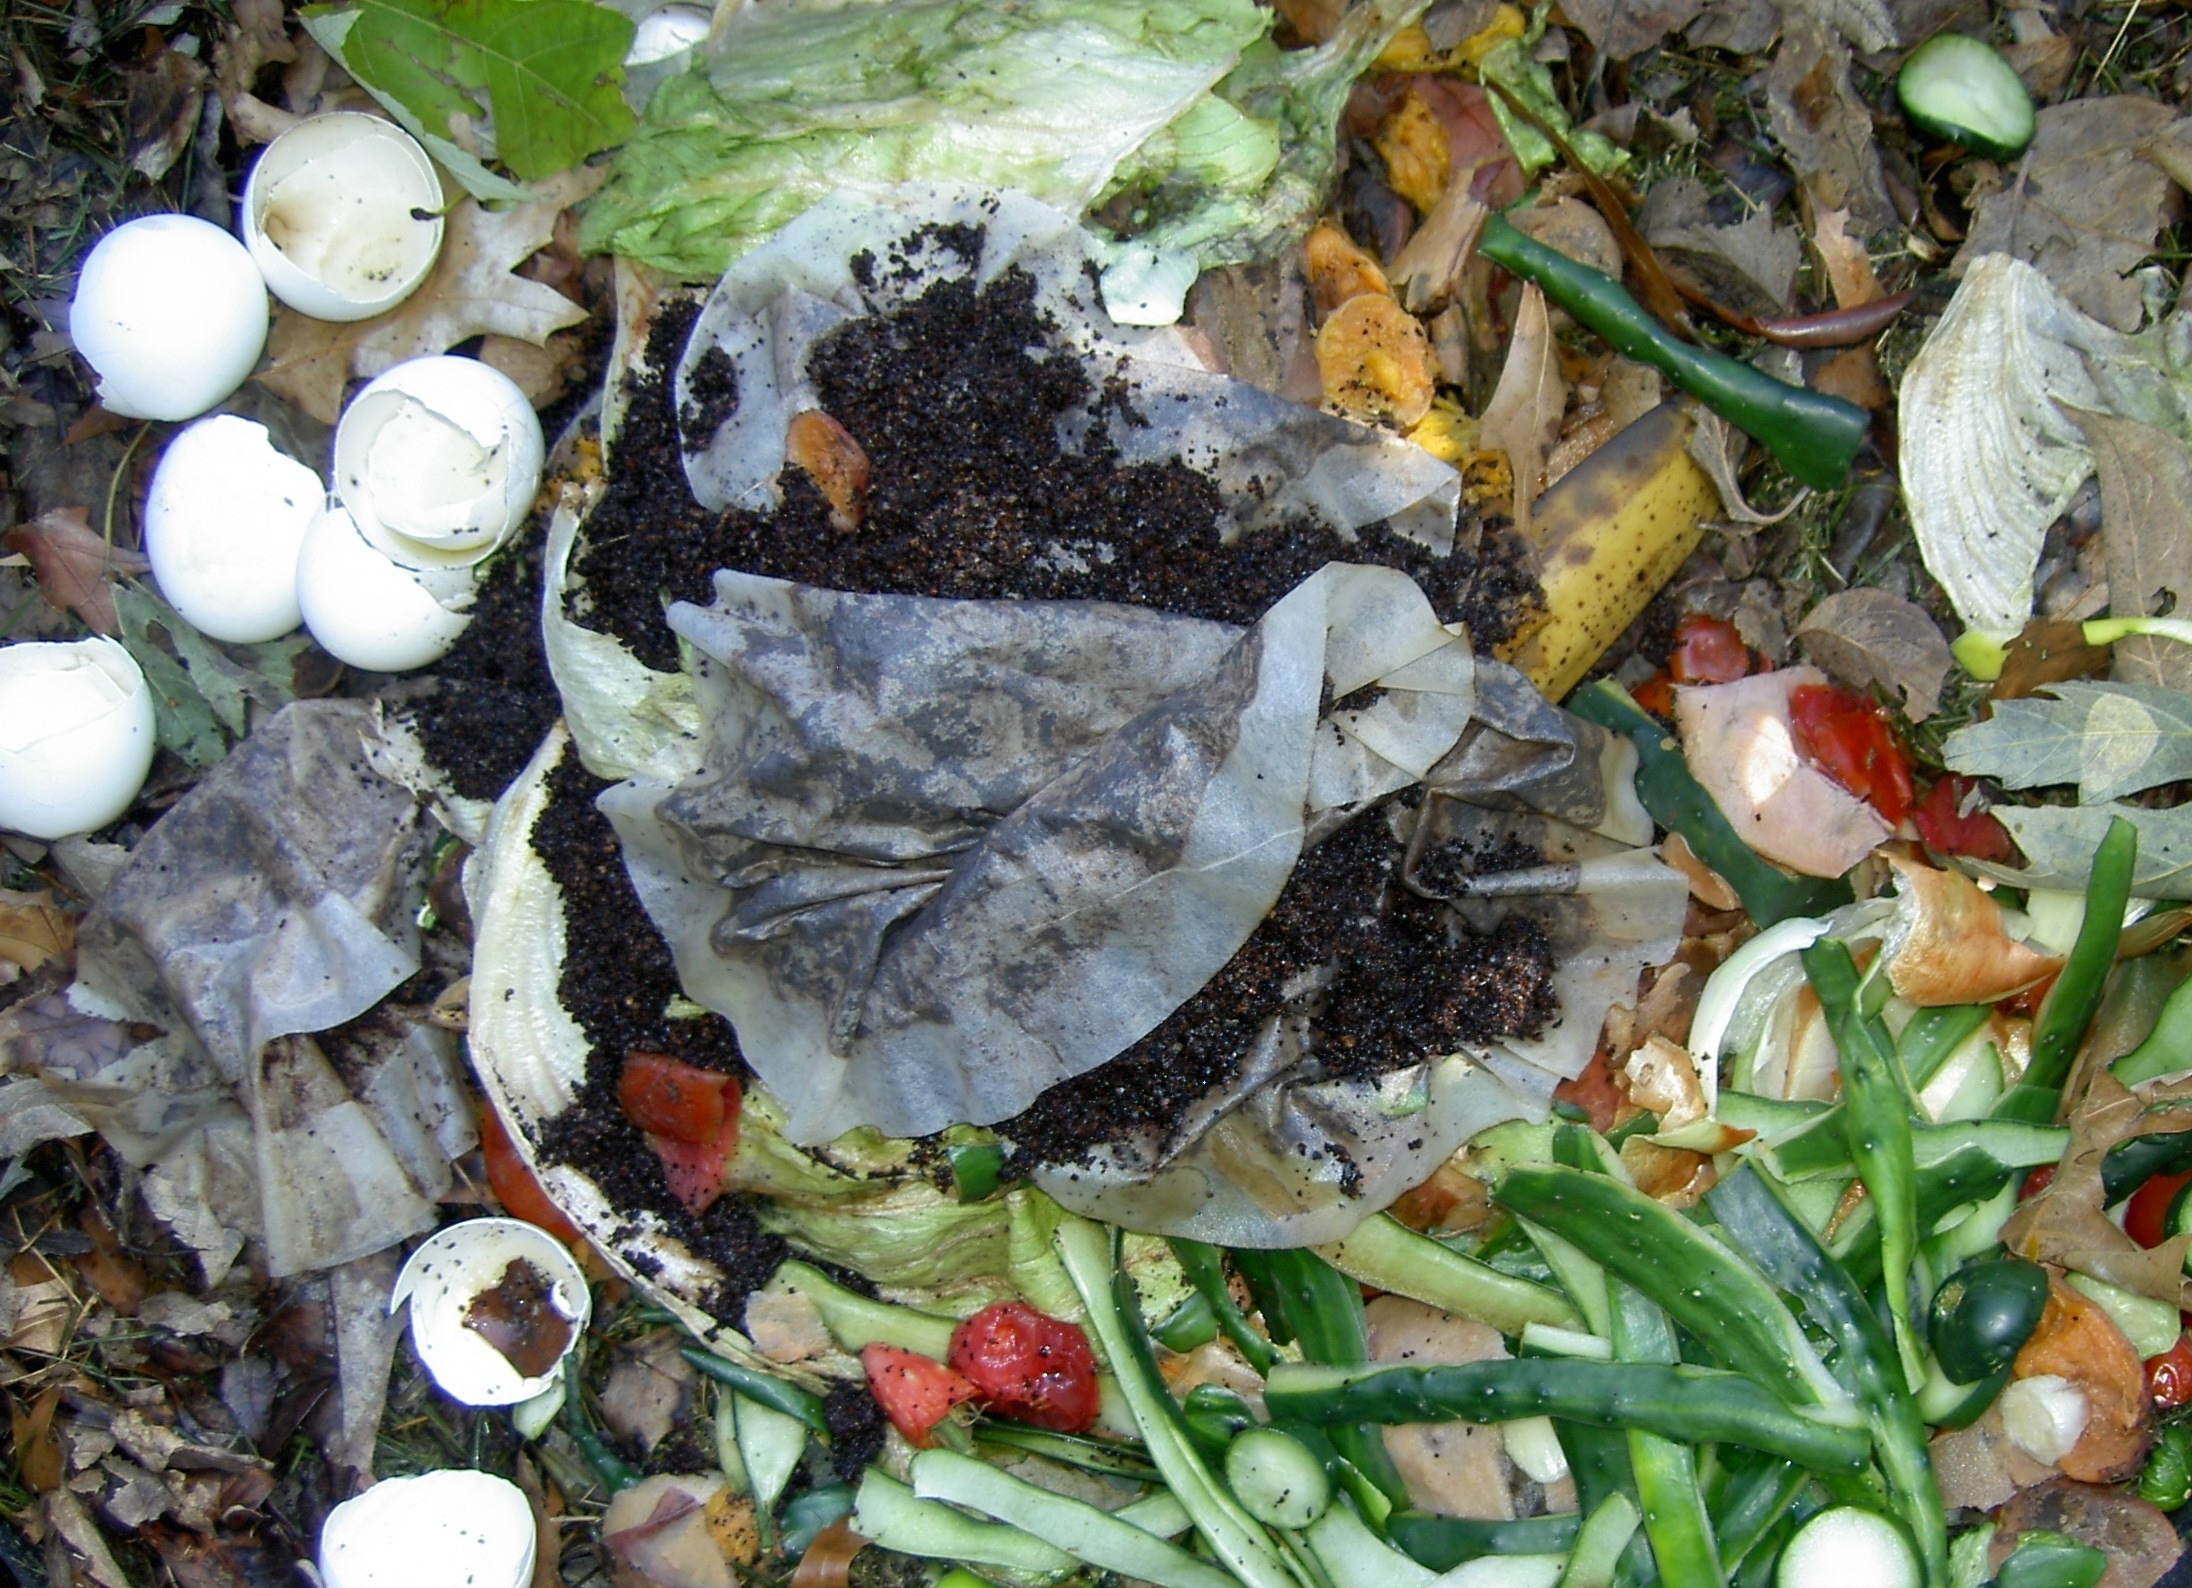 Kitchen Scrap Gardening How To Get Free Fertilizer Flowerbeds Gardens Lawns Install